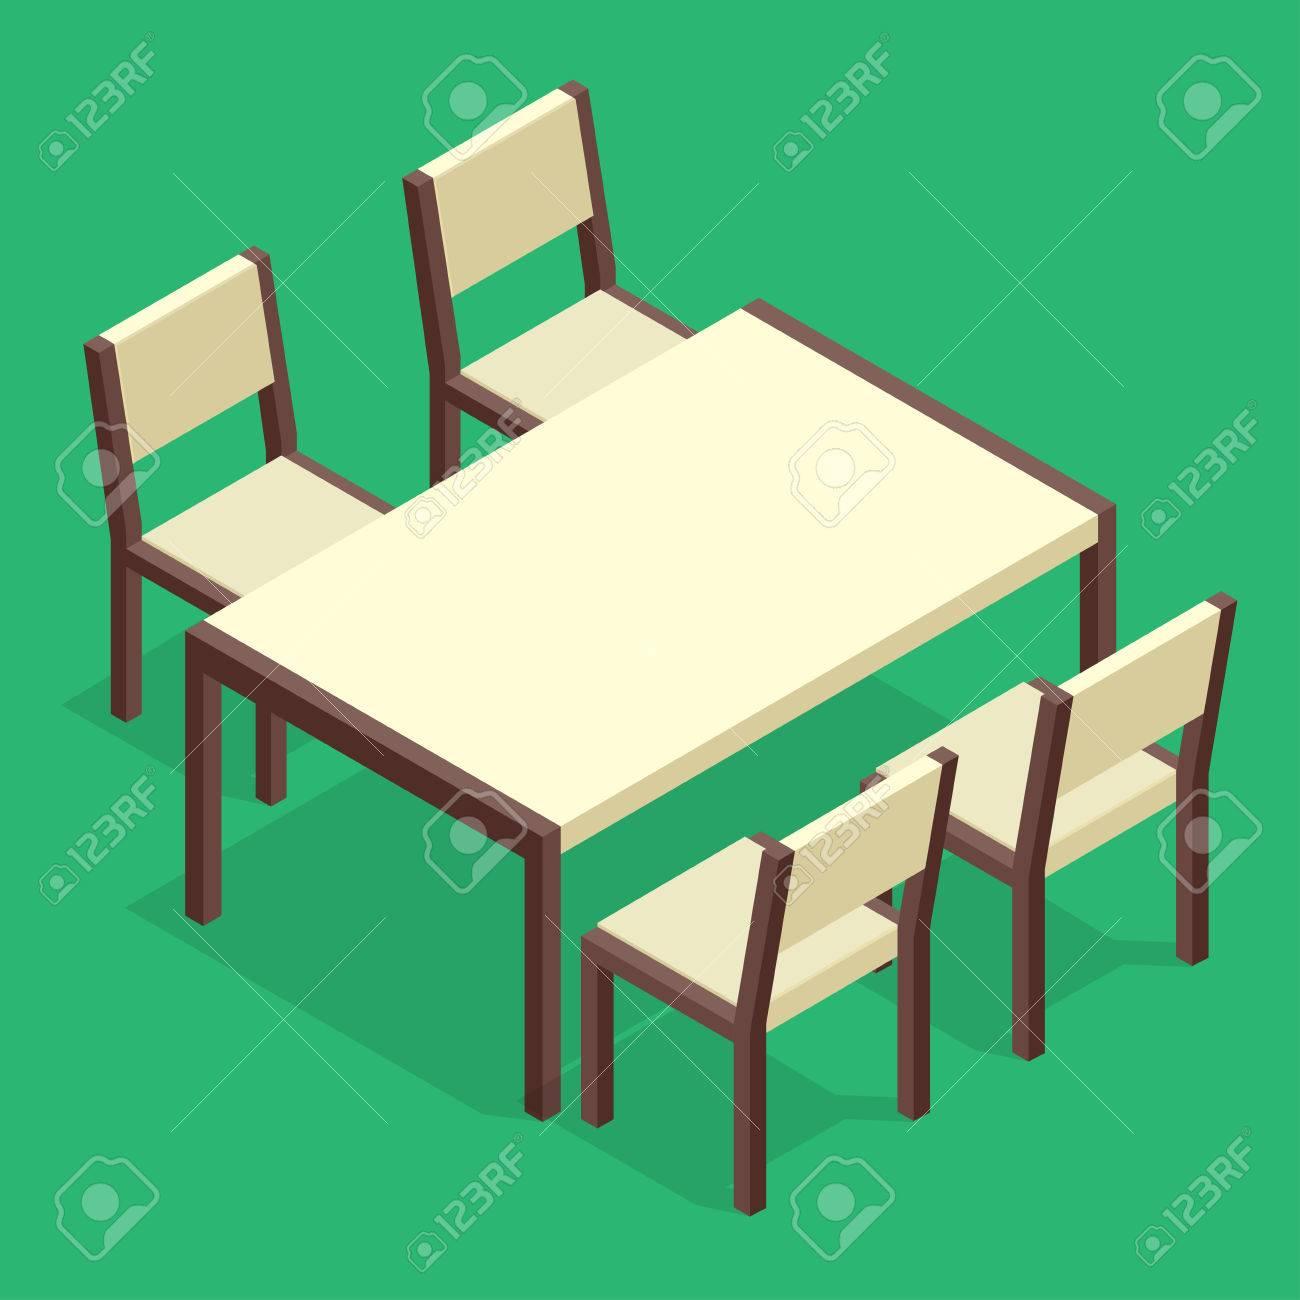 Vettoriale Tavolo In Legno Con Sedie Per Caffe Tavolo Moderno E Sedie Su Sfondo Bianco Piatto 3d Isometrico Illustrazione Vettoriale Image 54106671